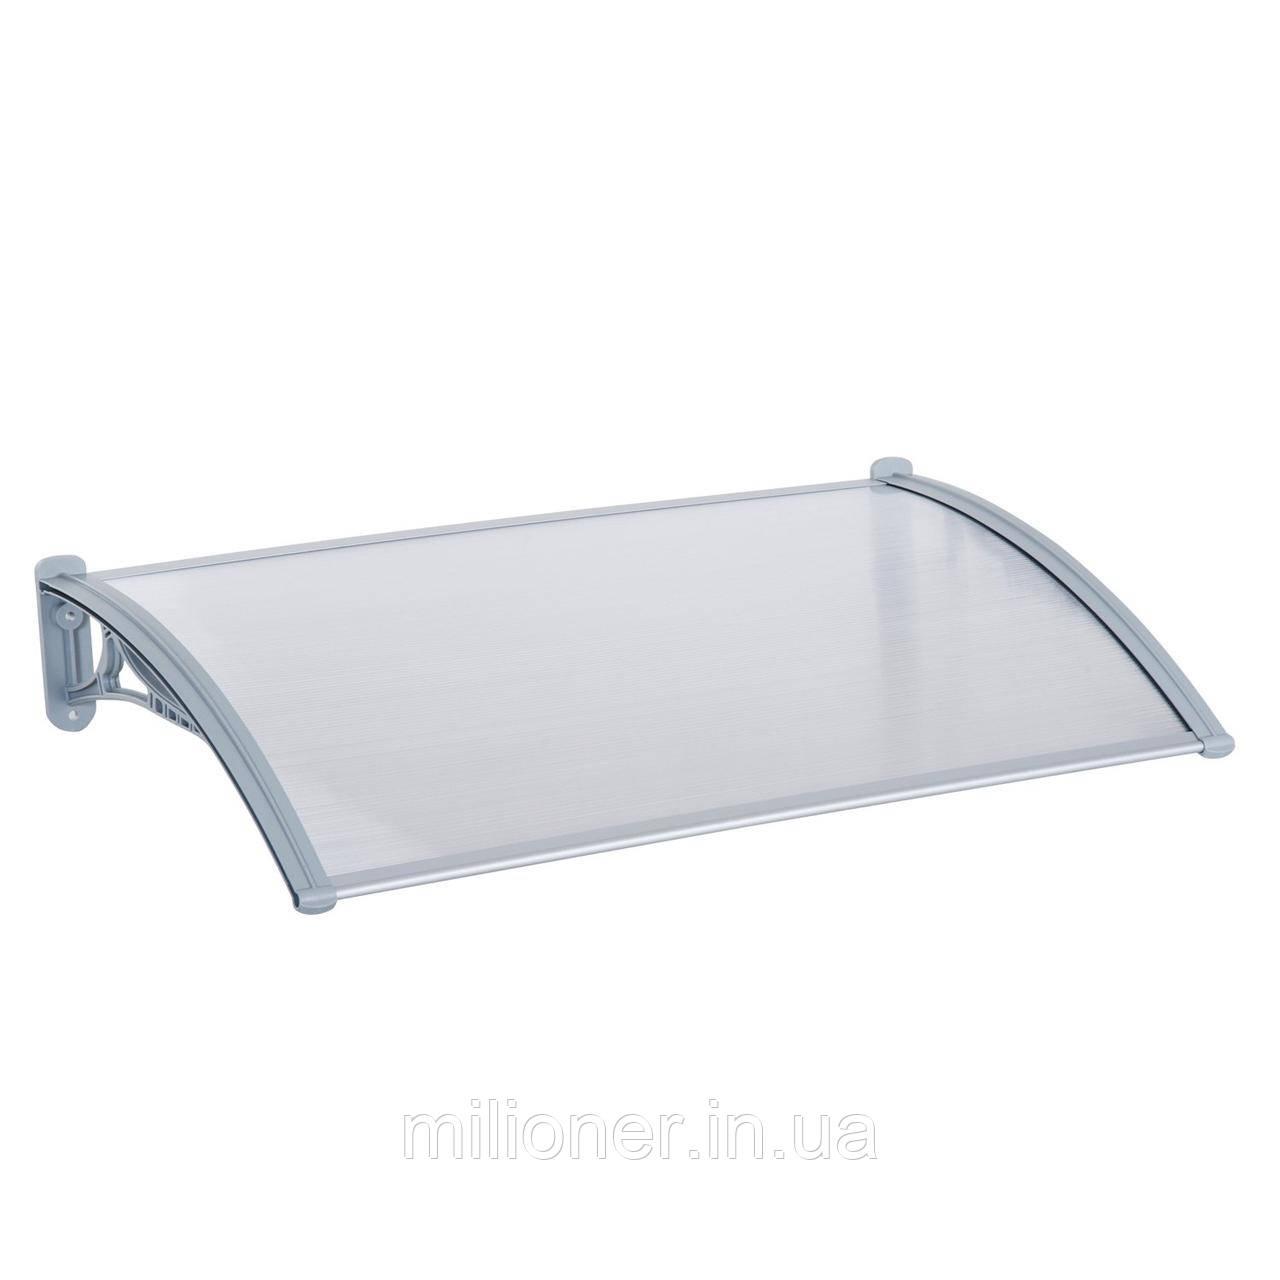 Навес для входных дверей Siker 700-N (700*1500) Серый